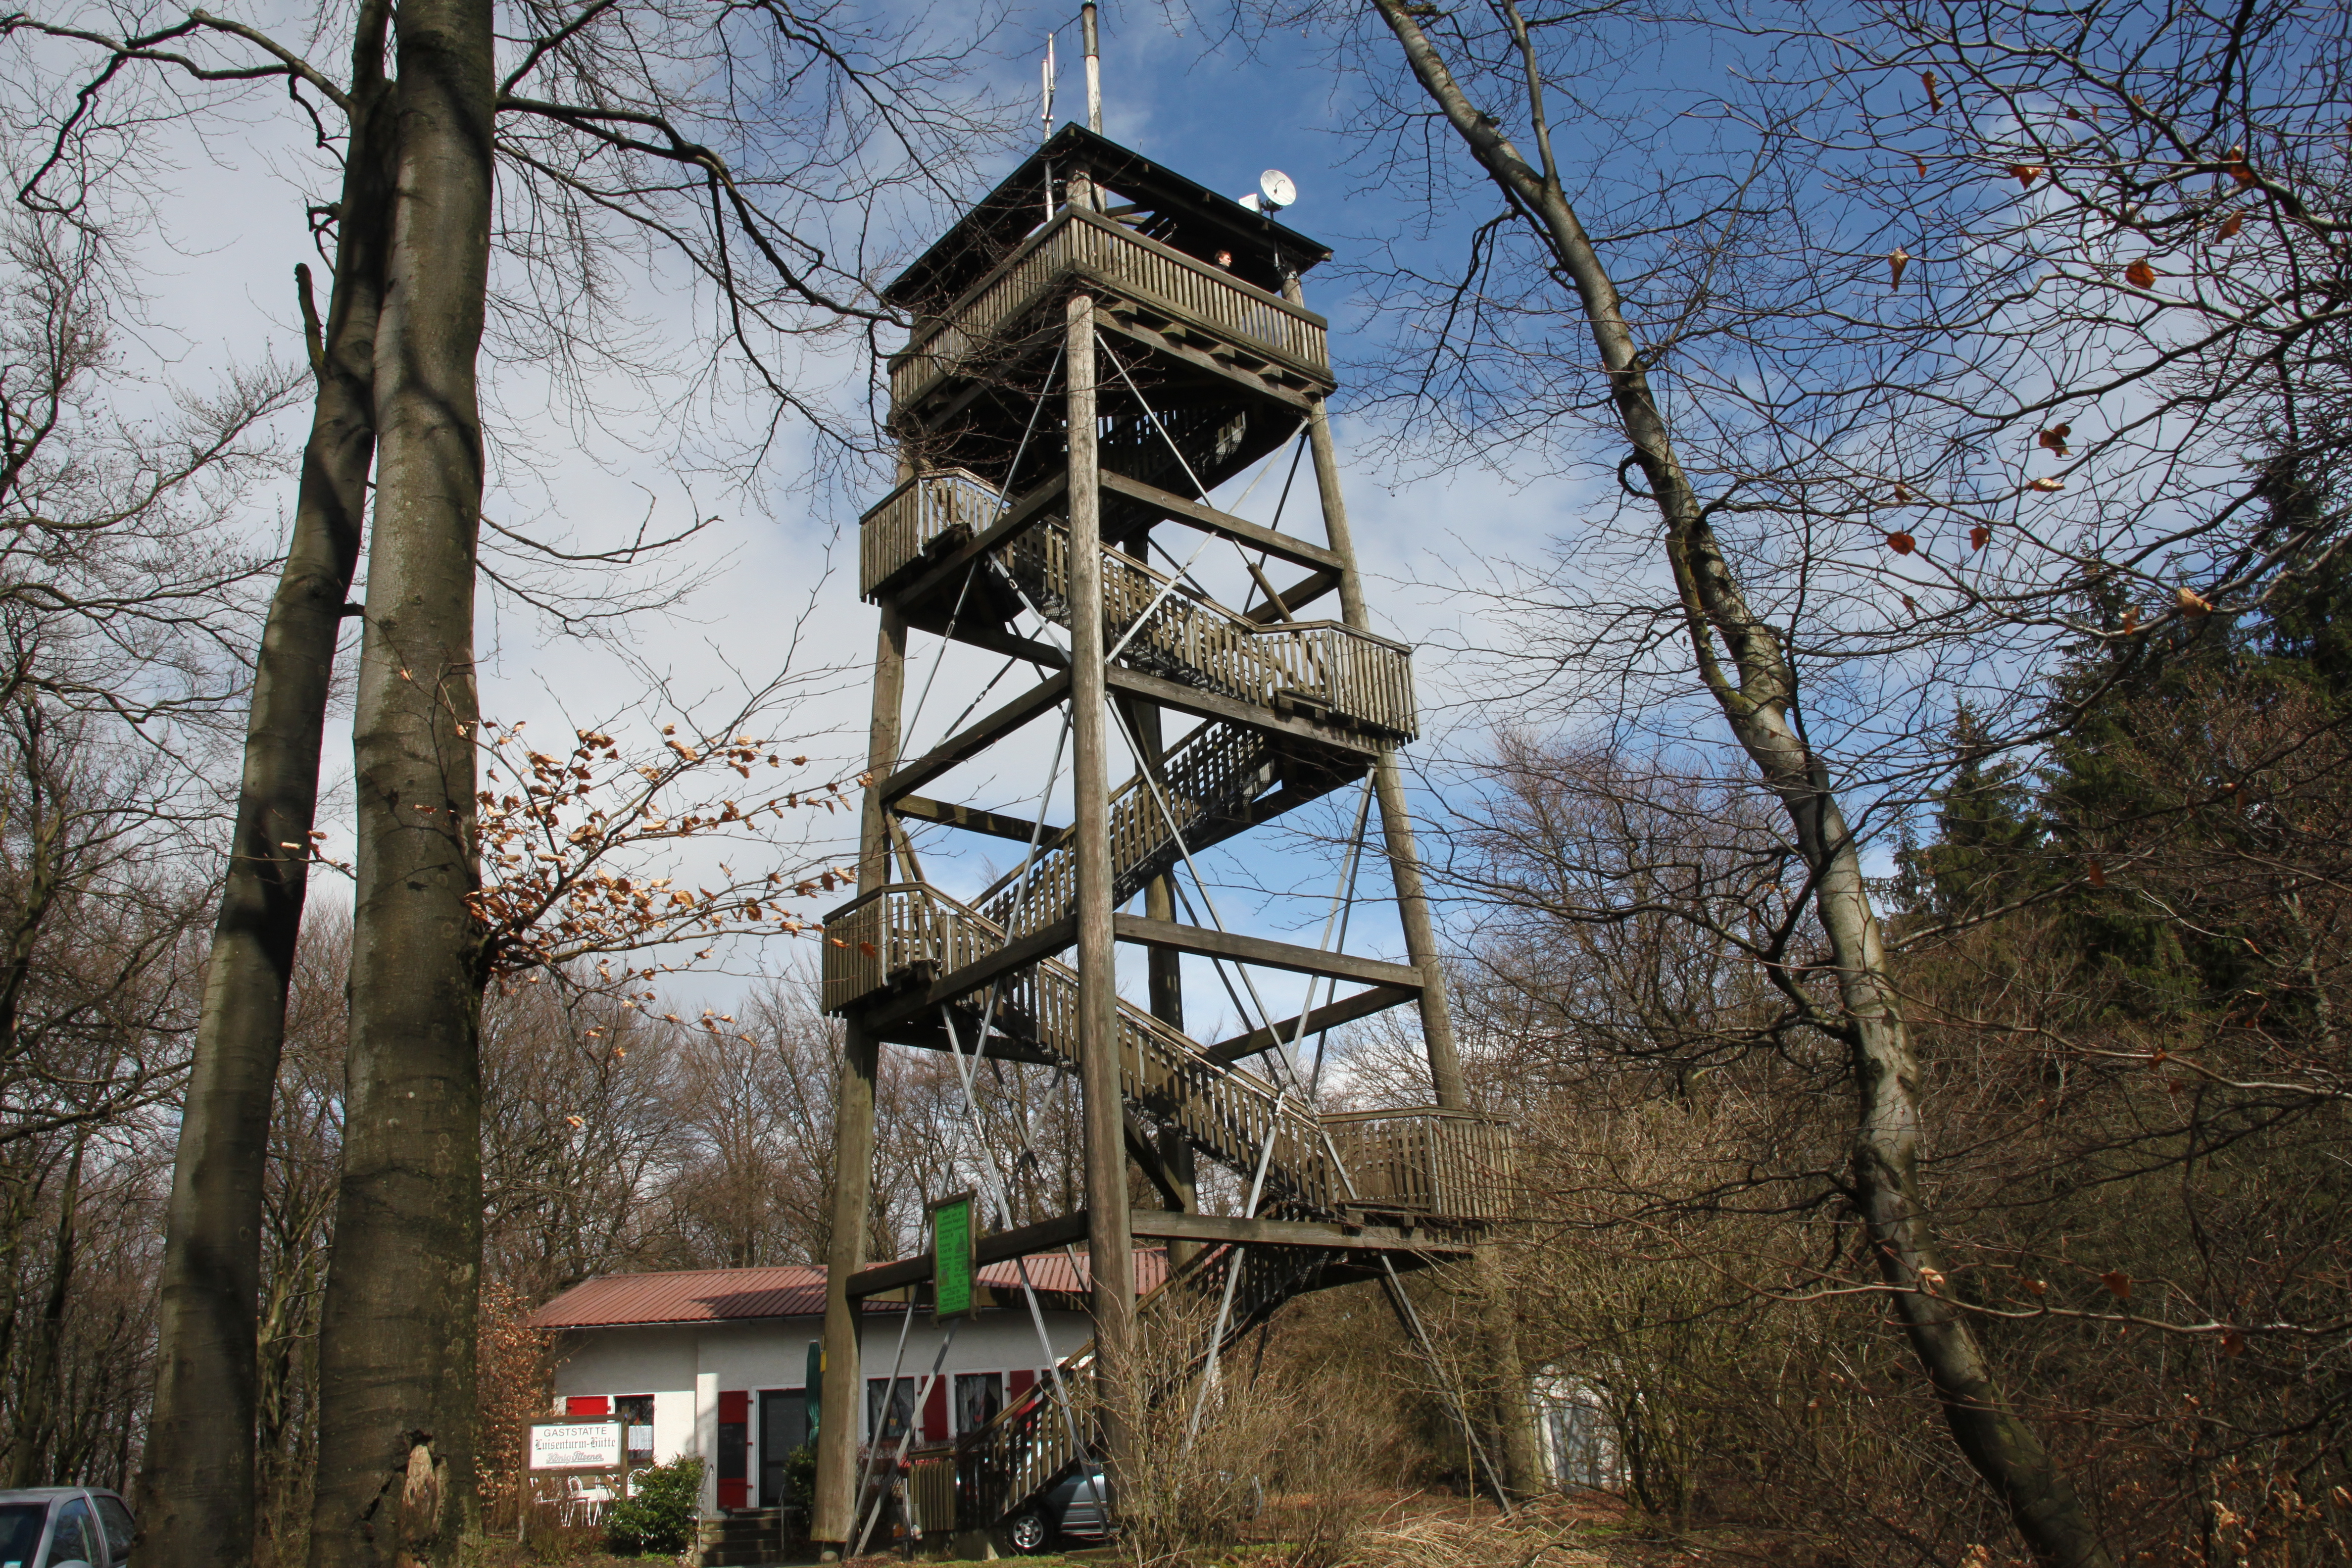 Der Luisenturm in Borgholzhausen